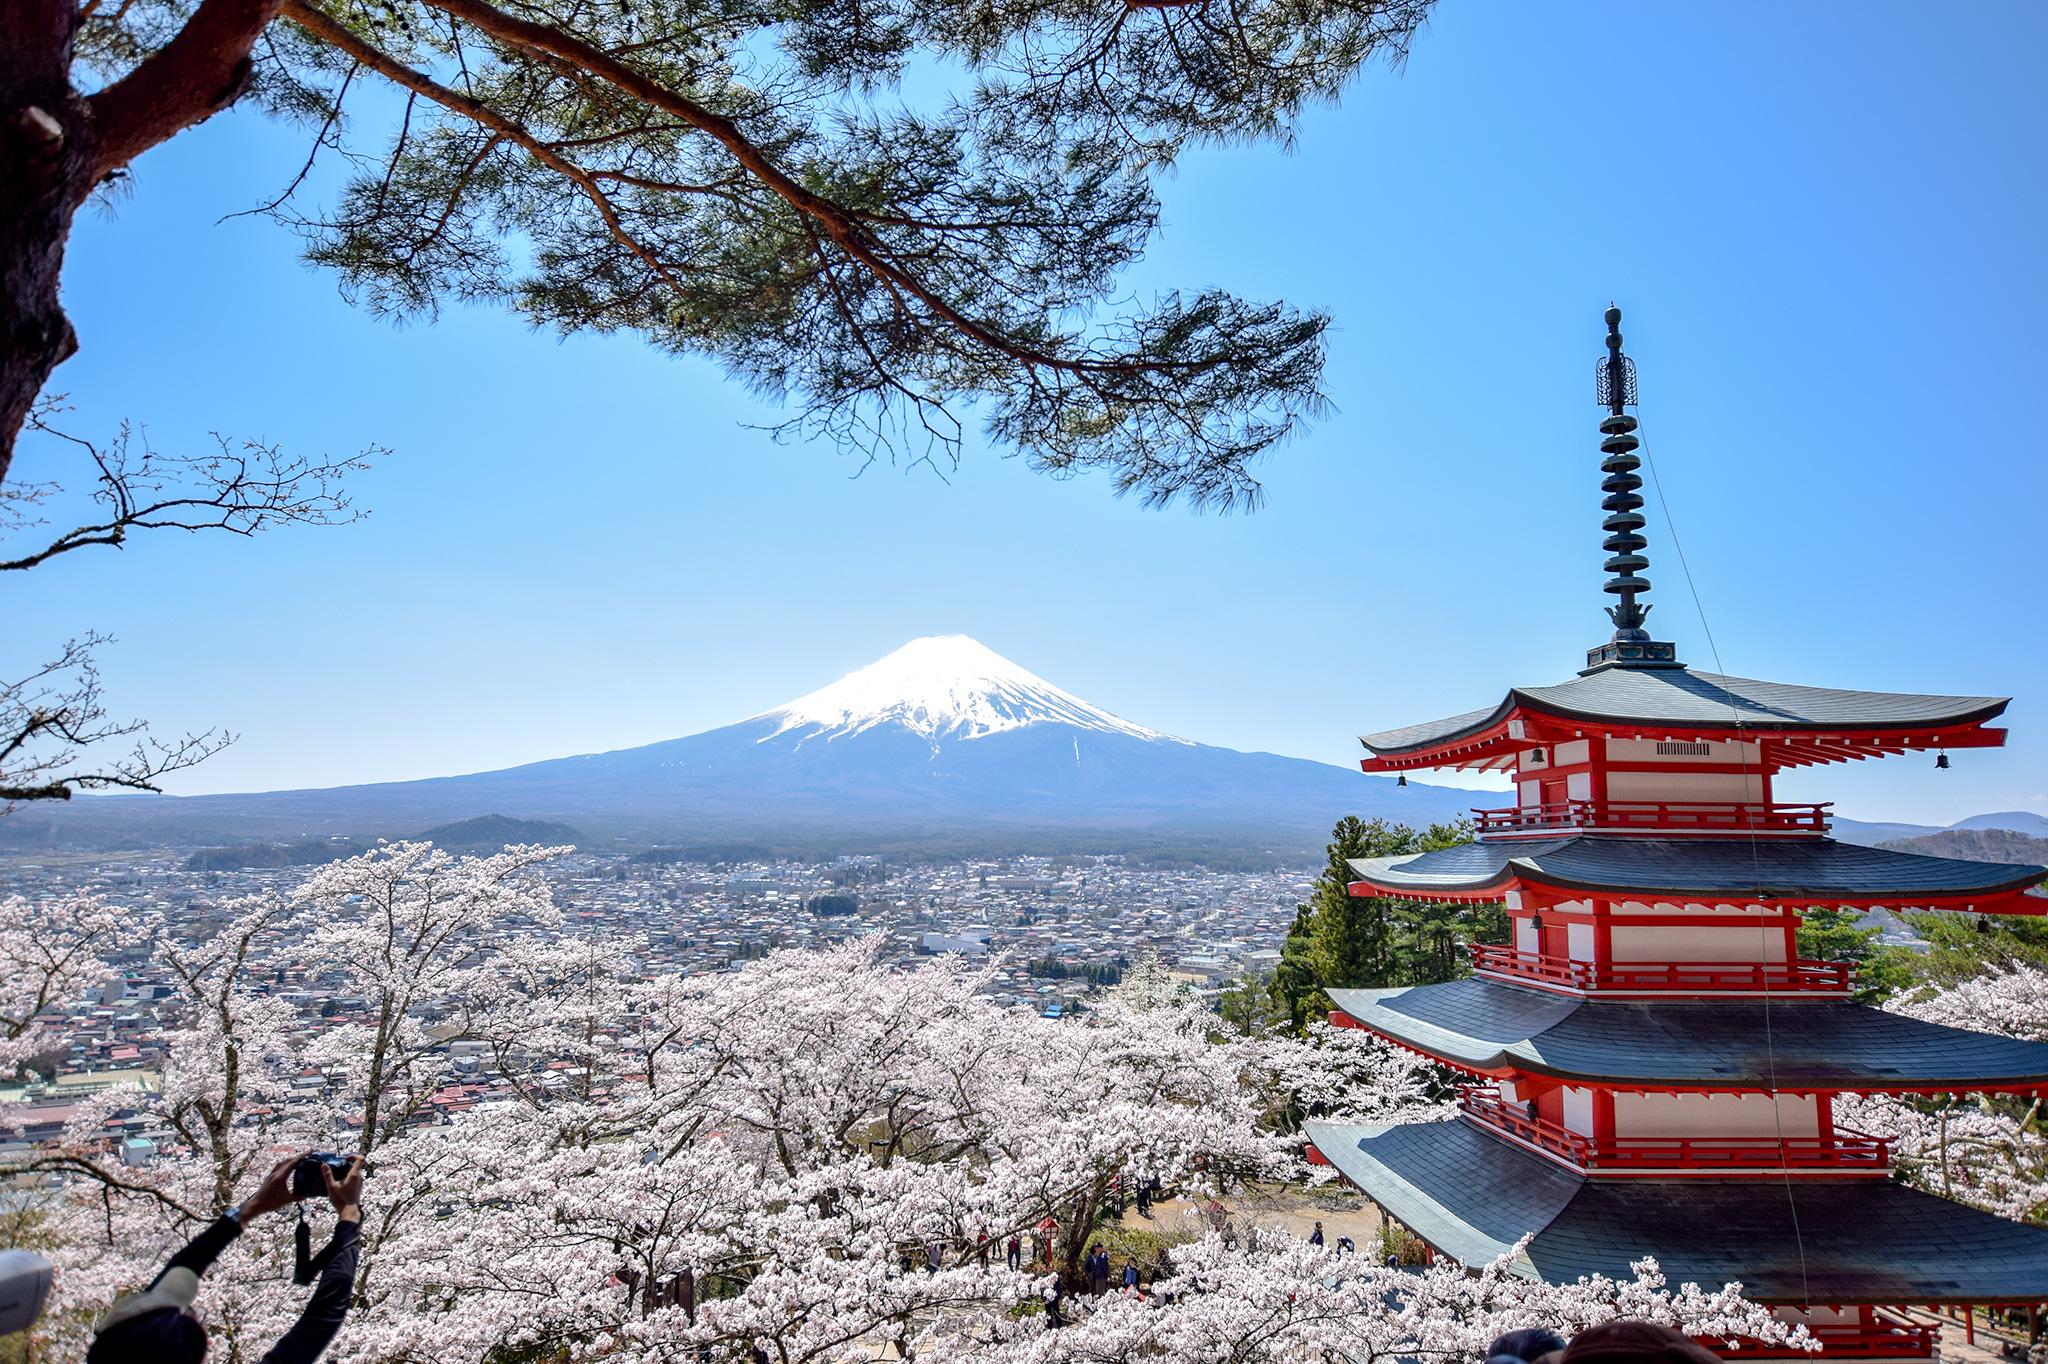 新倉山浅間公園の桜 写真1